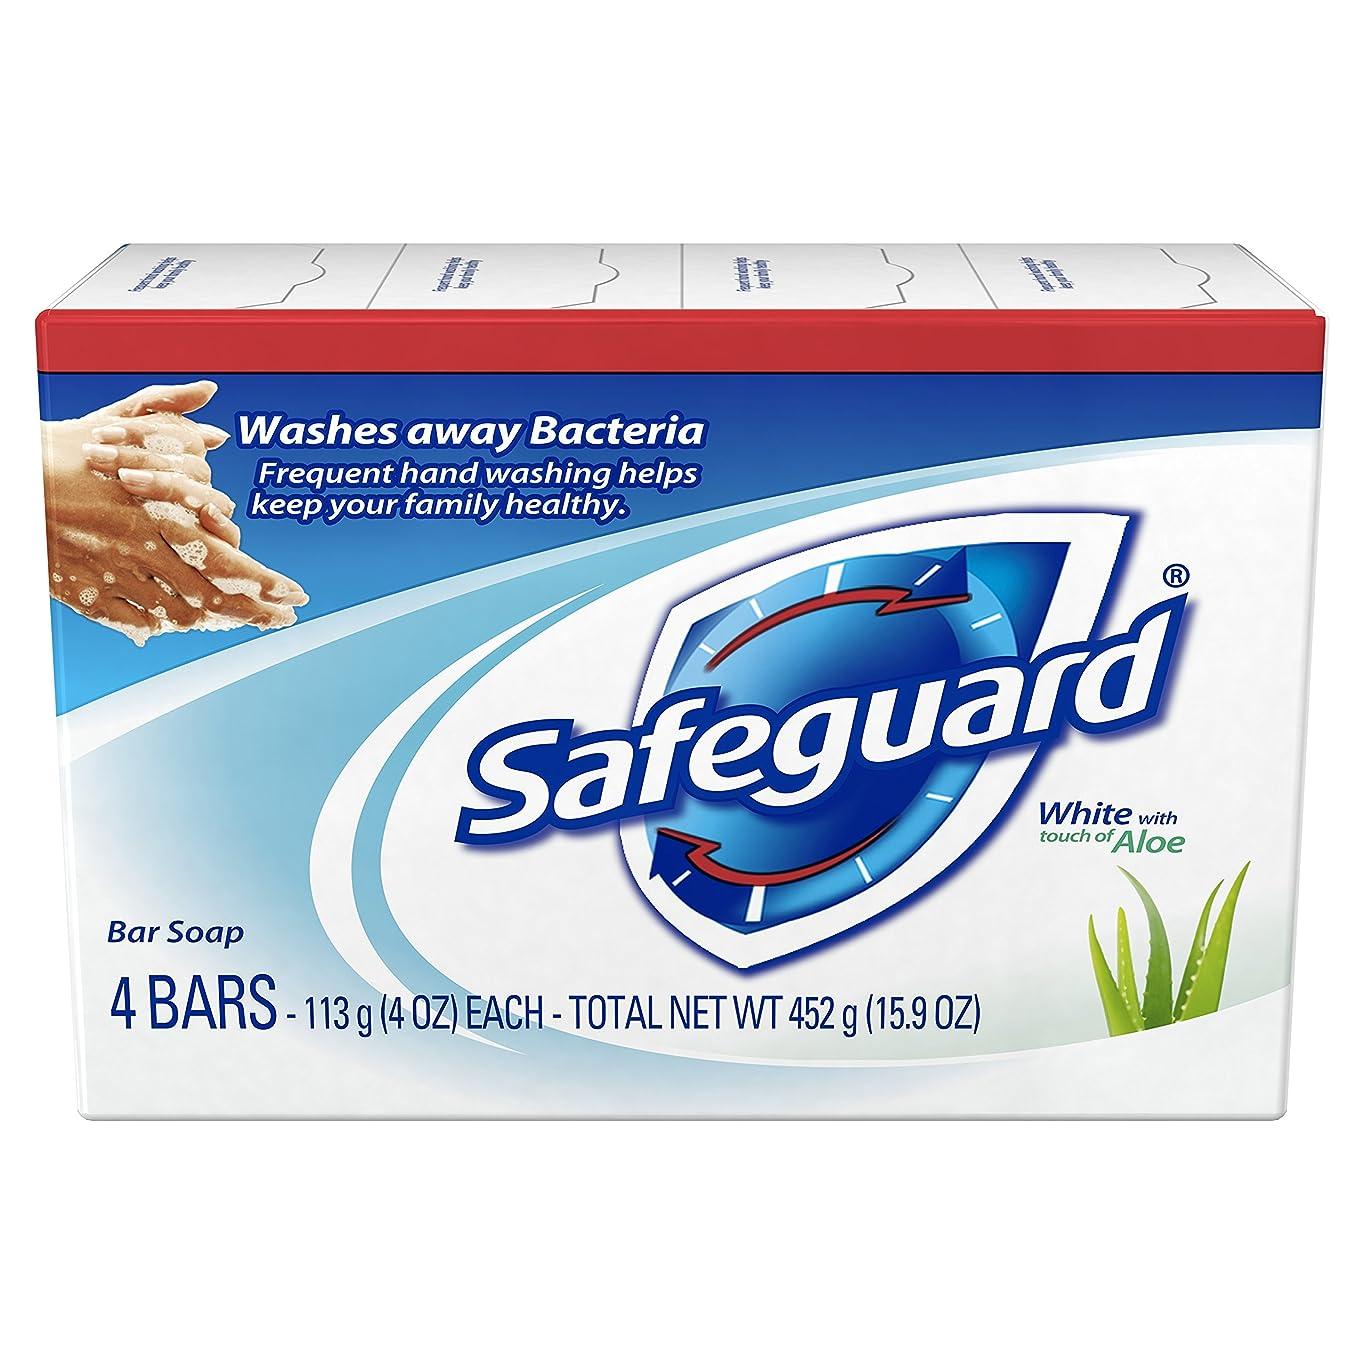 空白完全に肉腫Safeguard アロエ4オズバー、4EA(5パック)で抗菌消臭石鹸ホワイト 5パック